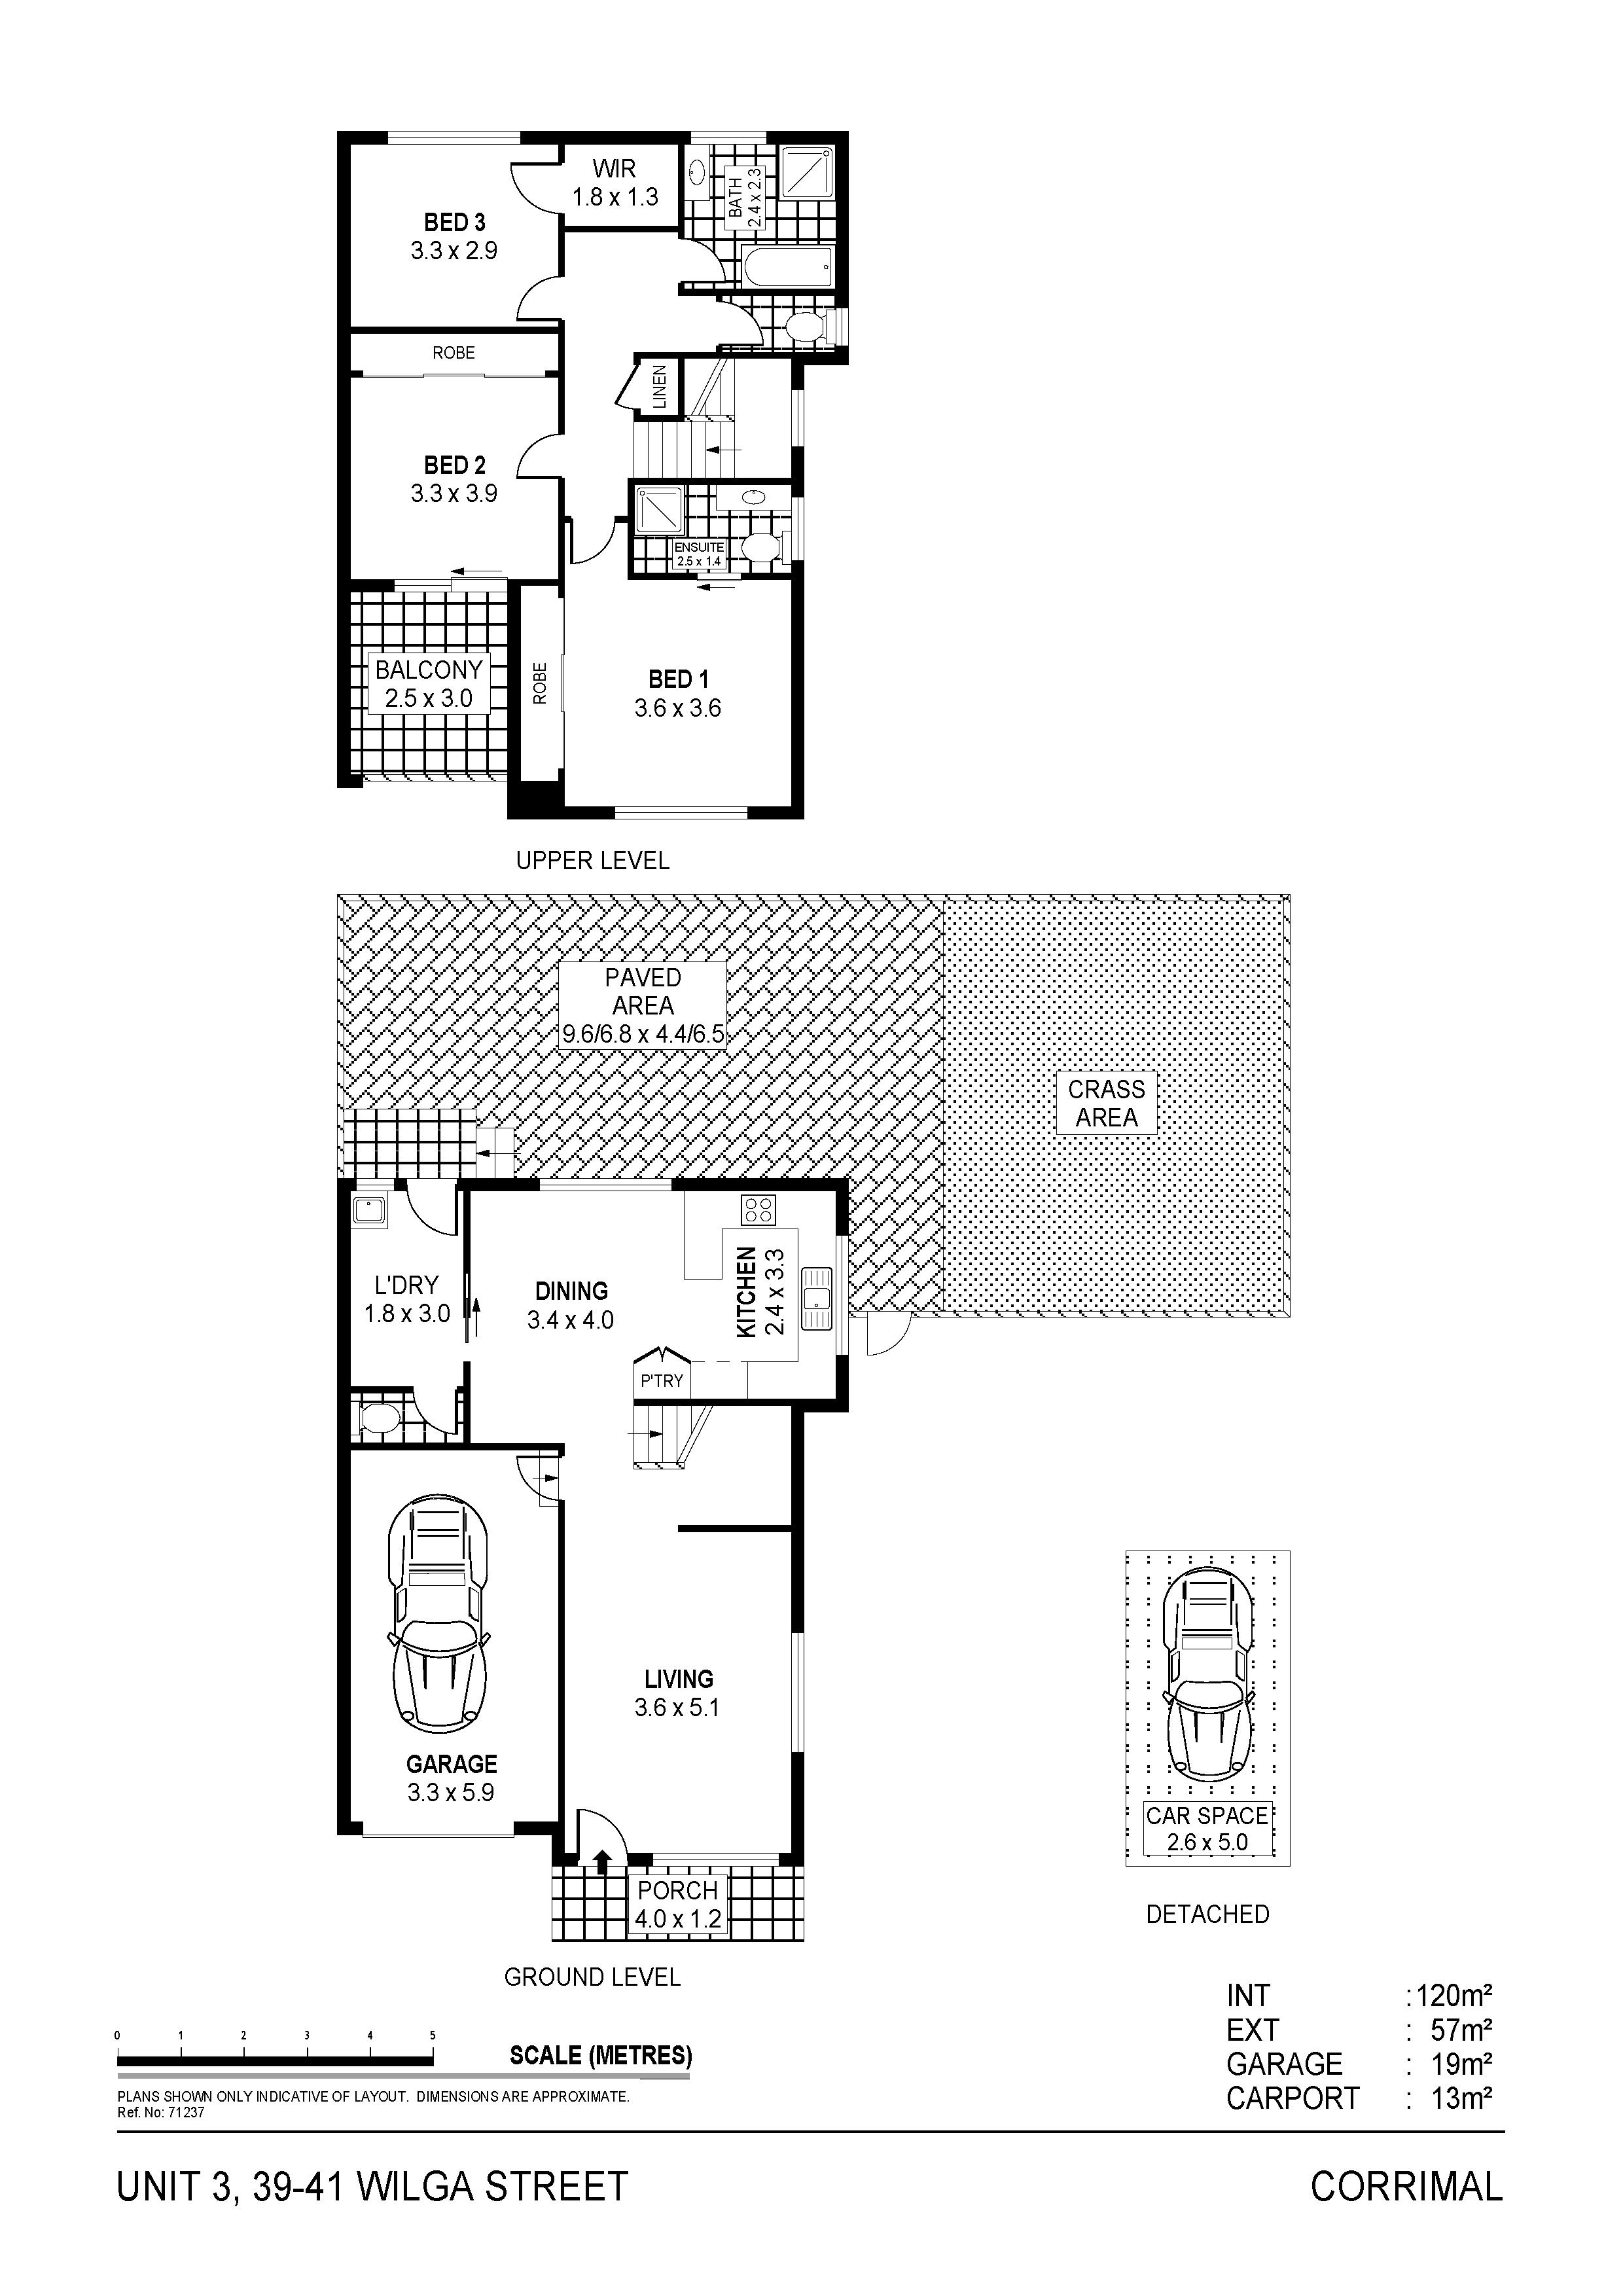 3 / 39-41 Wilga Street, Corrimal   Peter Fitzgerald Real Estate